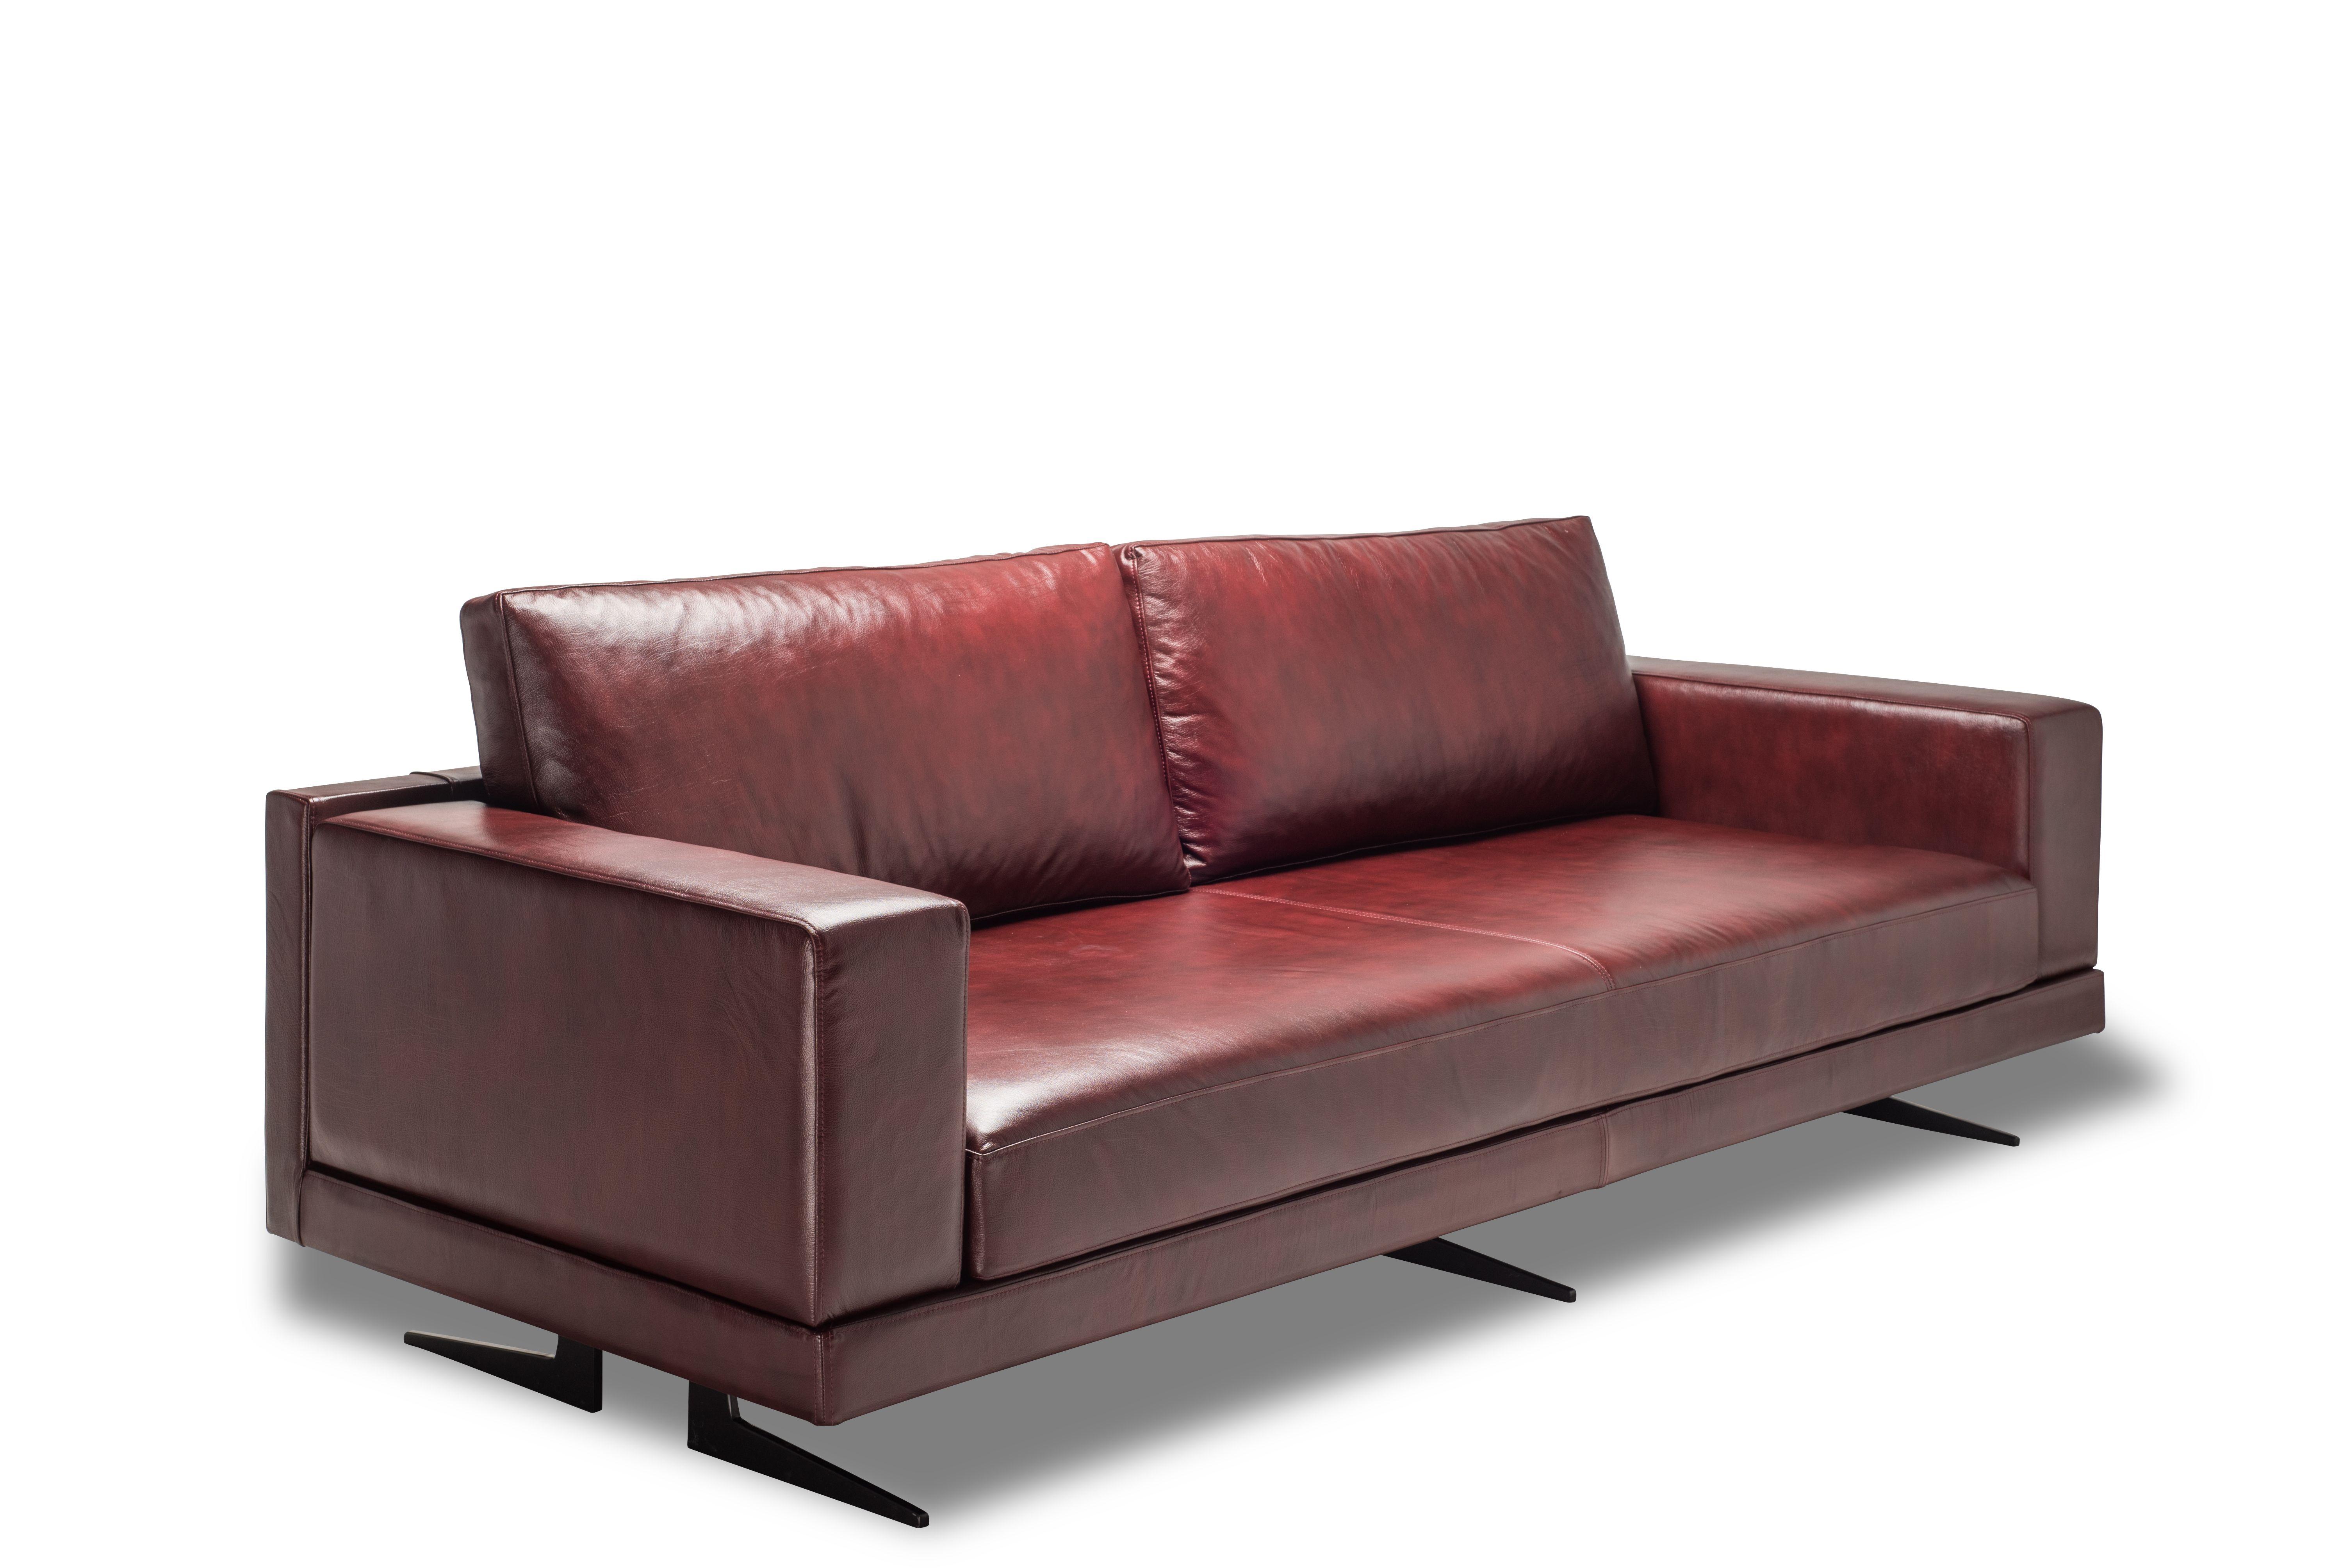 Koltuk Takimlari Macitler Mobilya Deri Koltuk Takimlari Gercek Deri Macitler Orjinal Derikanepe Derioturmagrubu Oturmagrubu Furniture Home Decor Decor